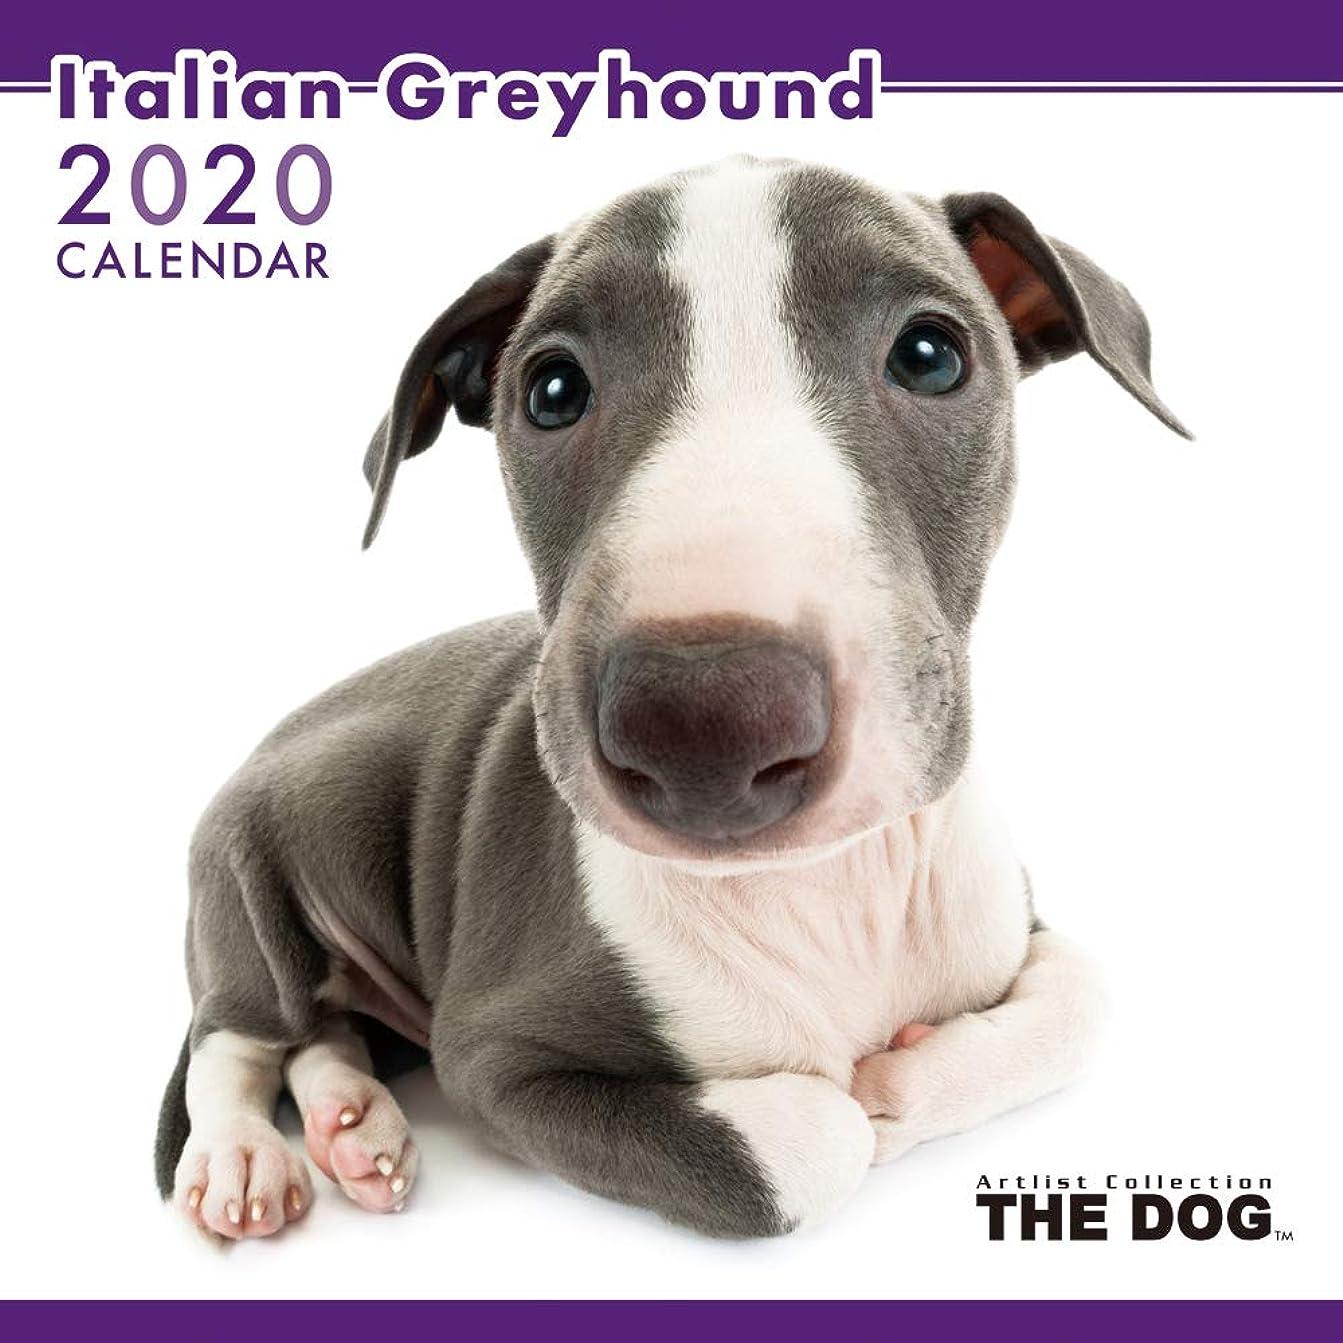 黒くする剥離疲労THE DOG カレンダー イタリアン?グレイハウンド 2020年